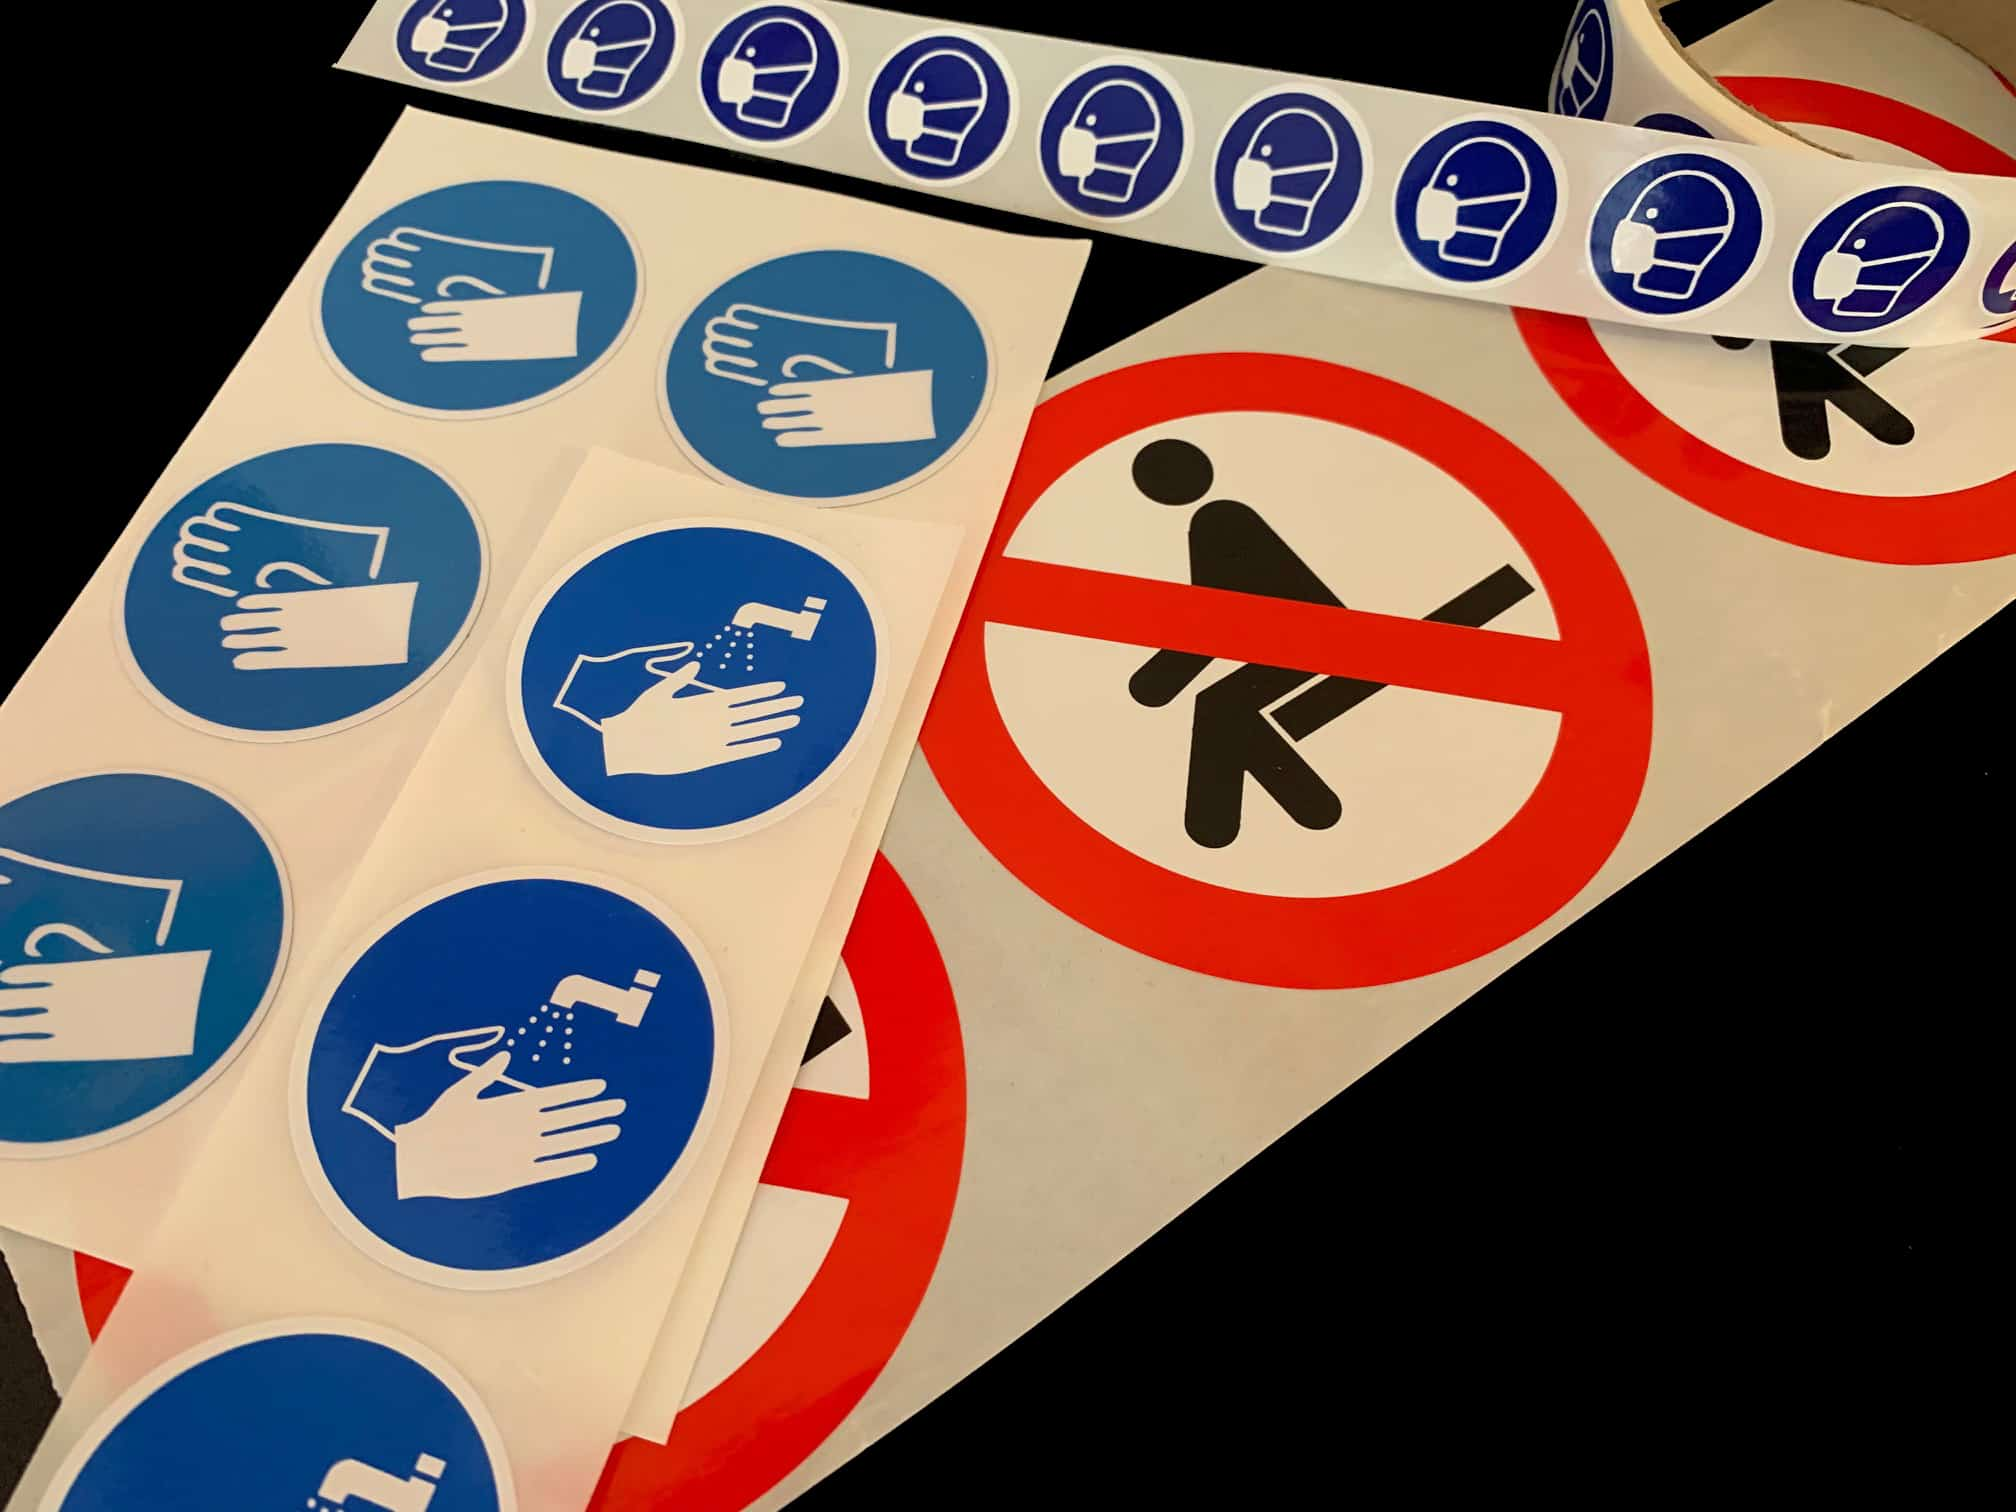 étiquette de signalisation et de prévention